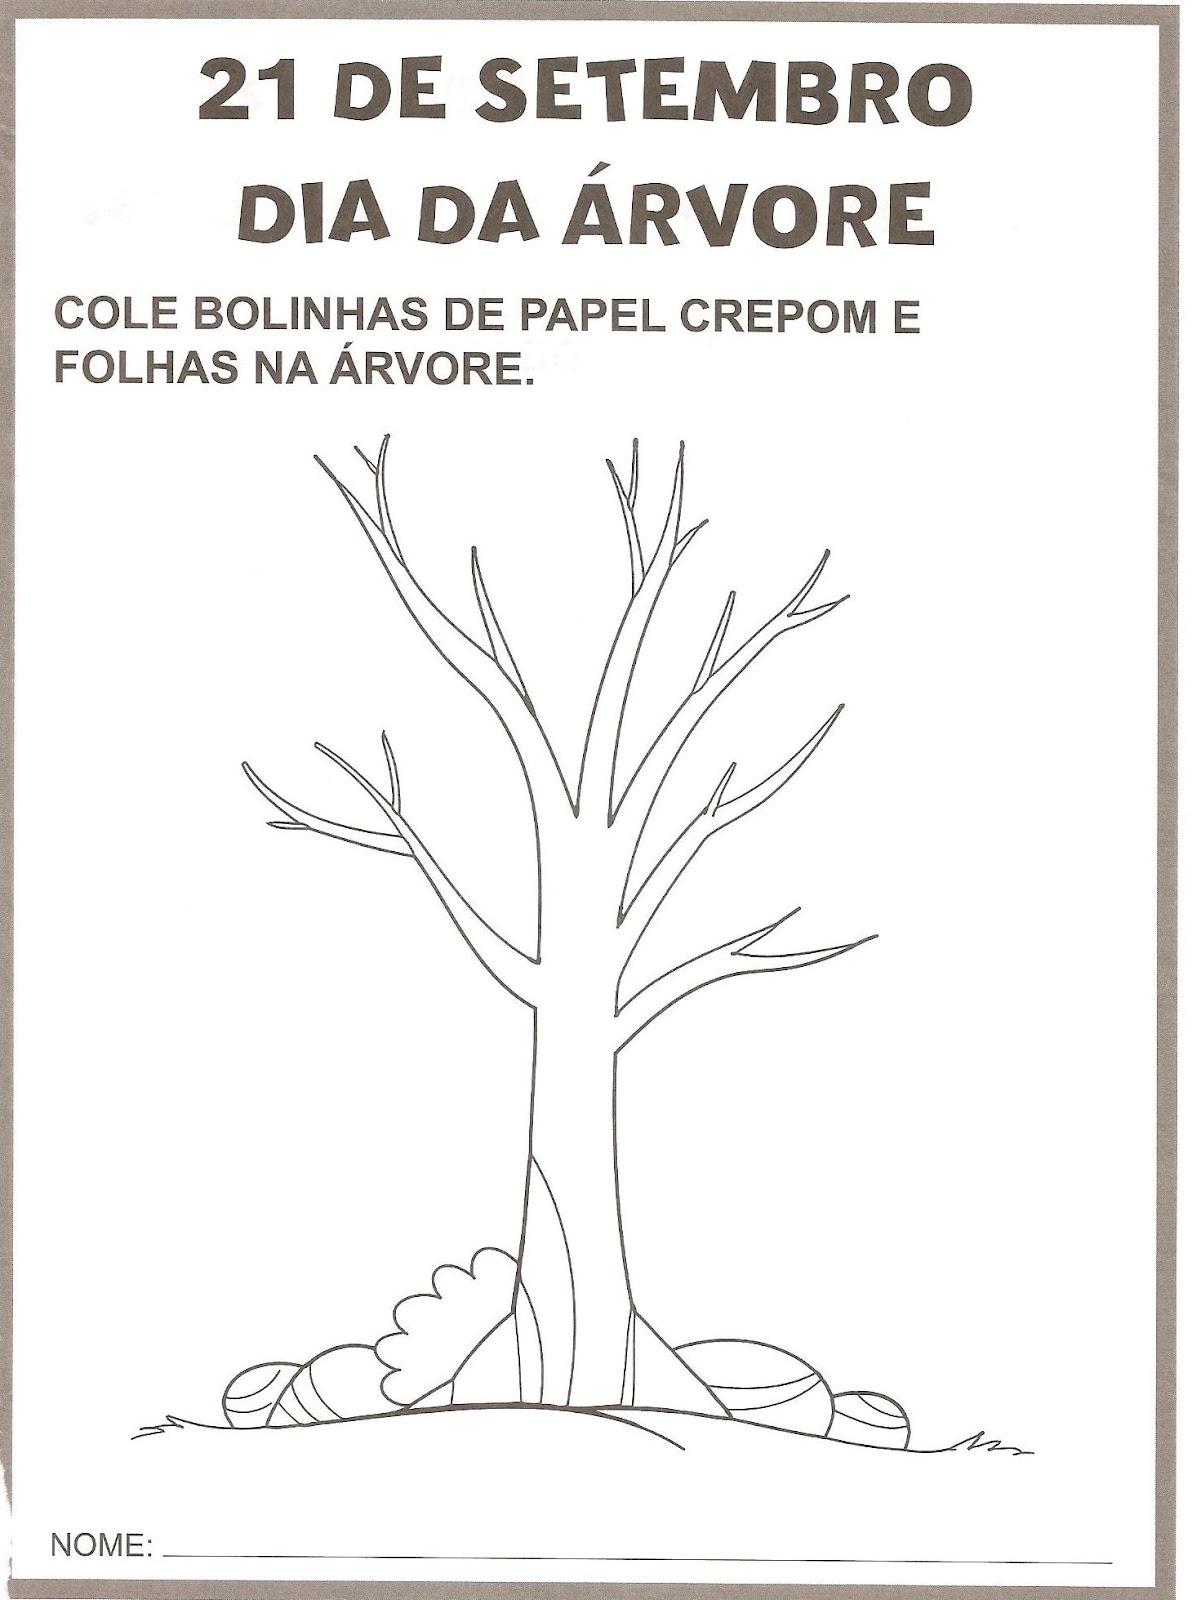 Favoritos PEDAGOGIA DO AFETO: ATIVIDADES DO DIA DA ÁRVORE E PRIMAVERA PX21